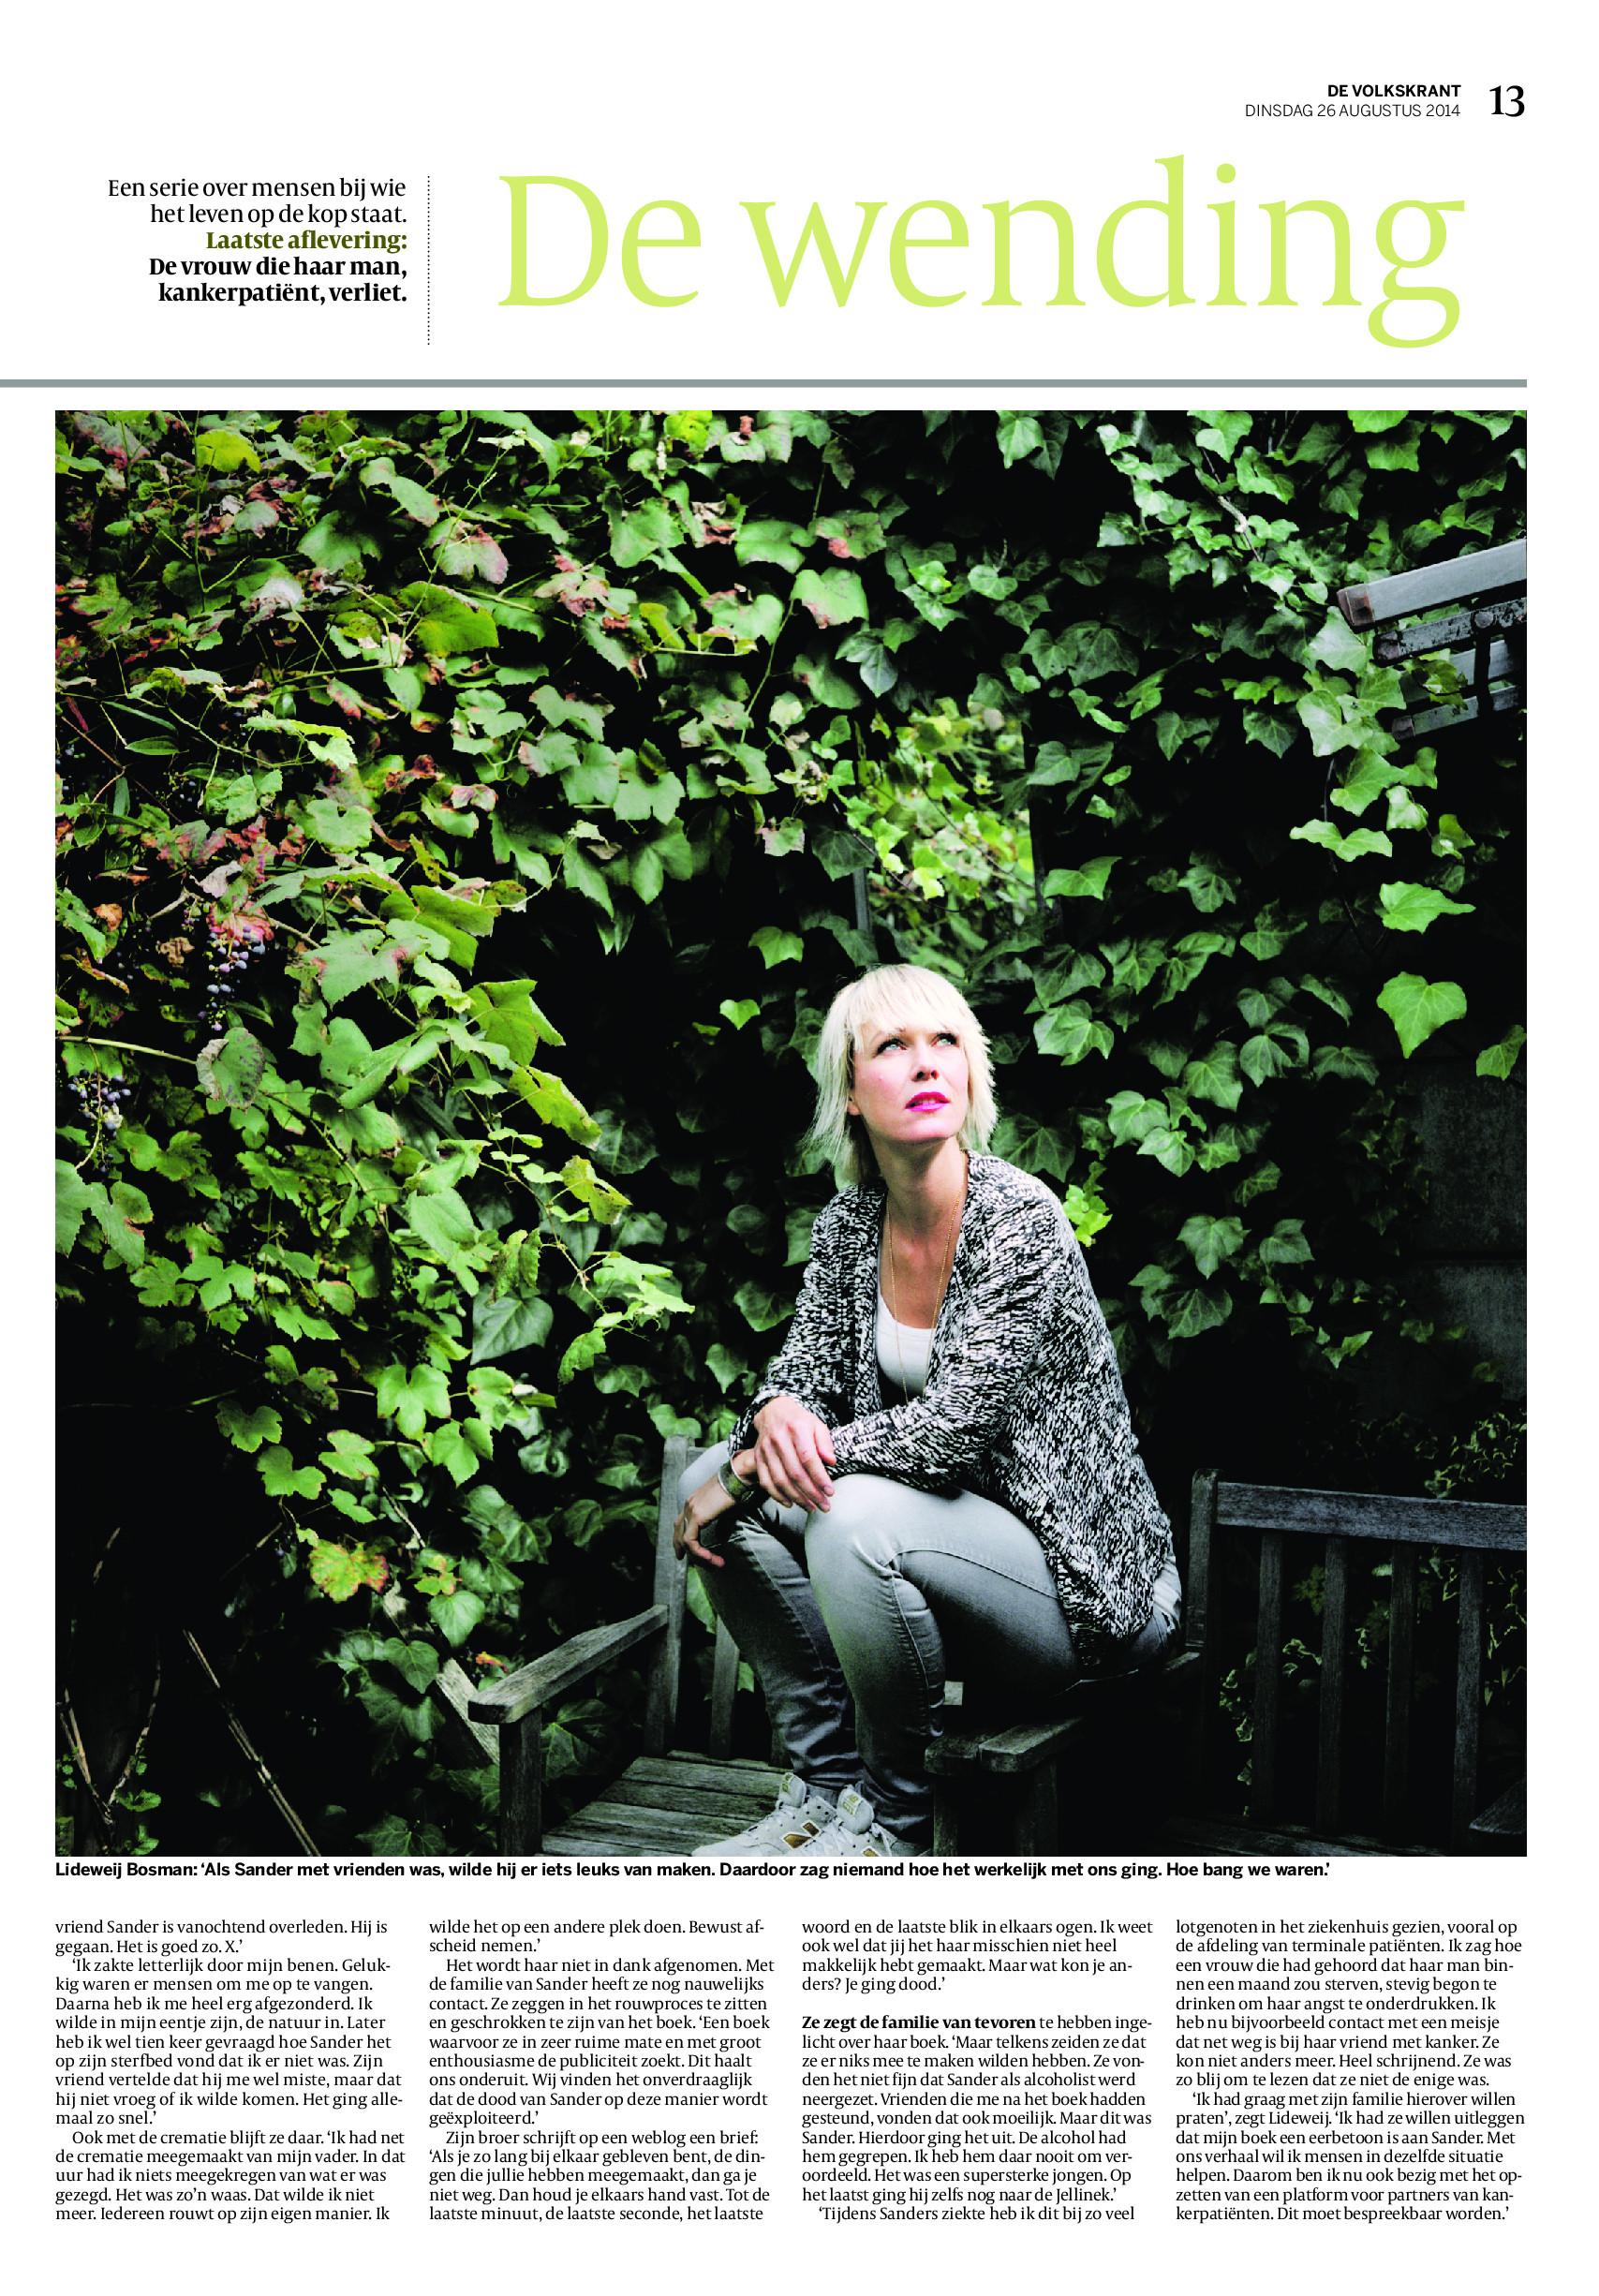 De Volkskrant De Wending 2 26 augustus 2014